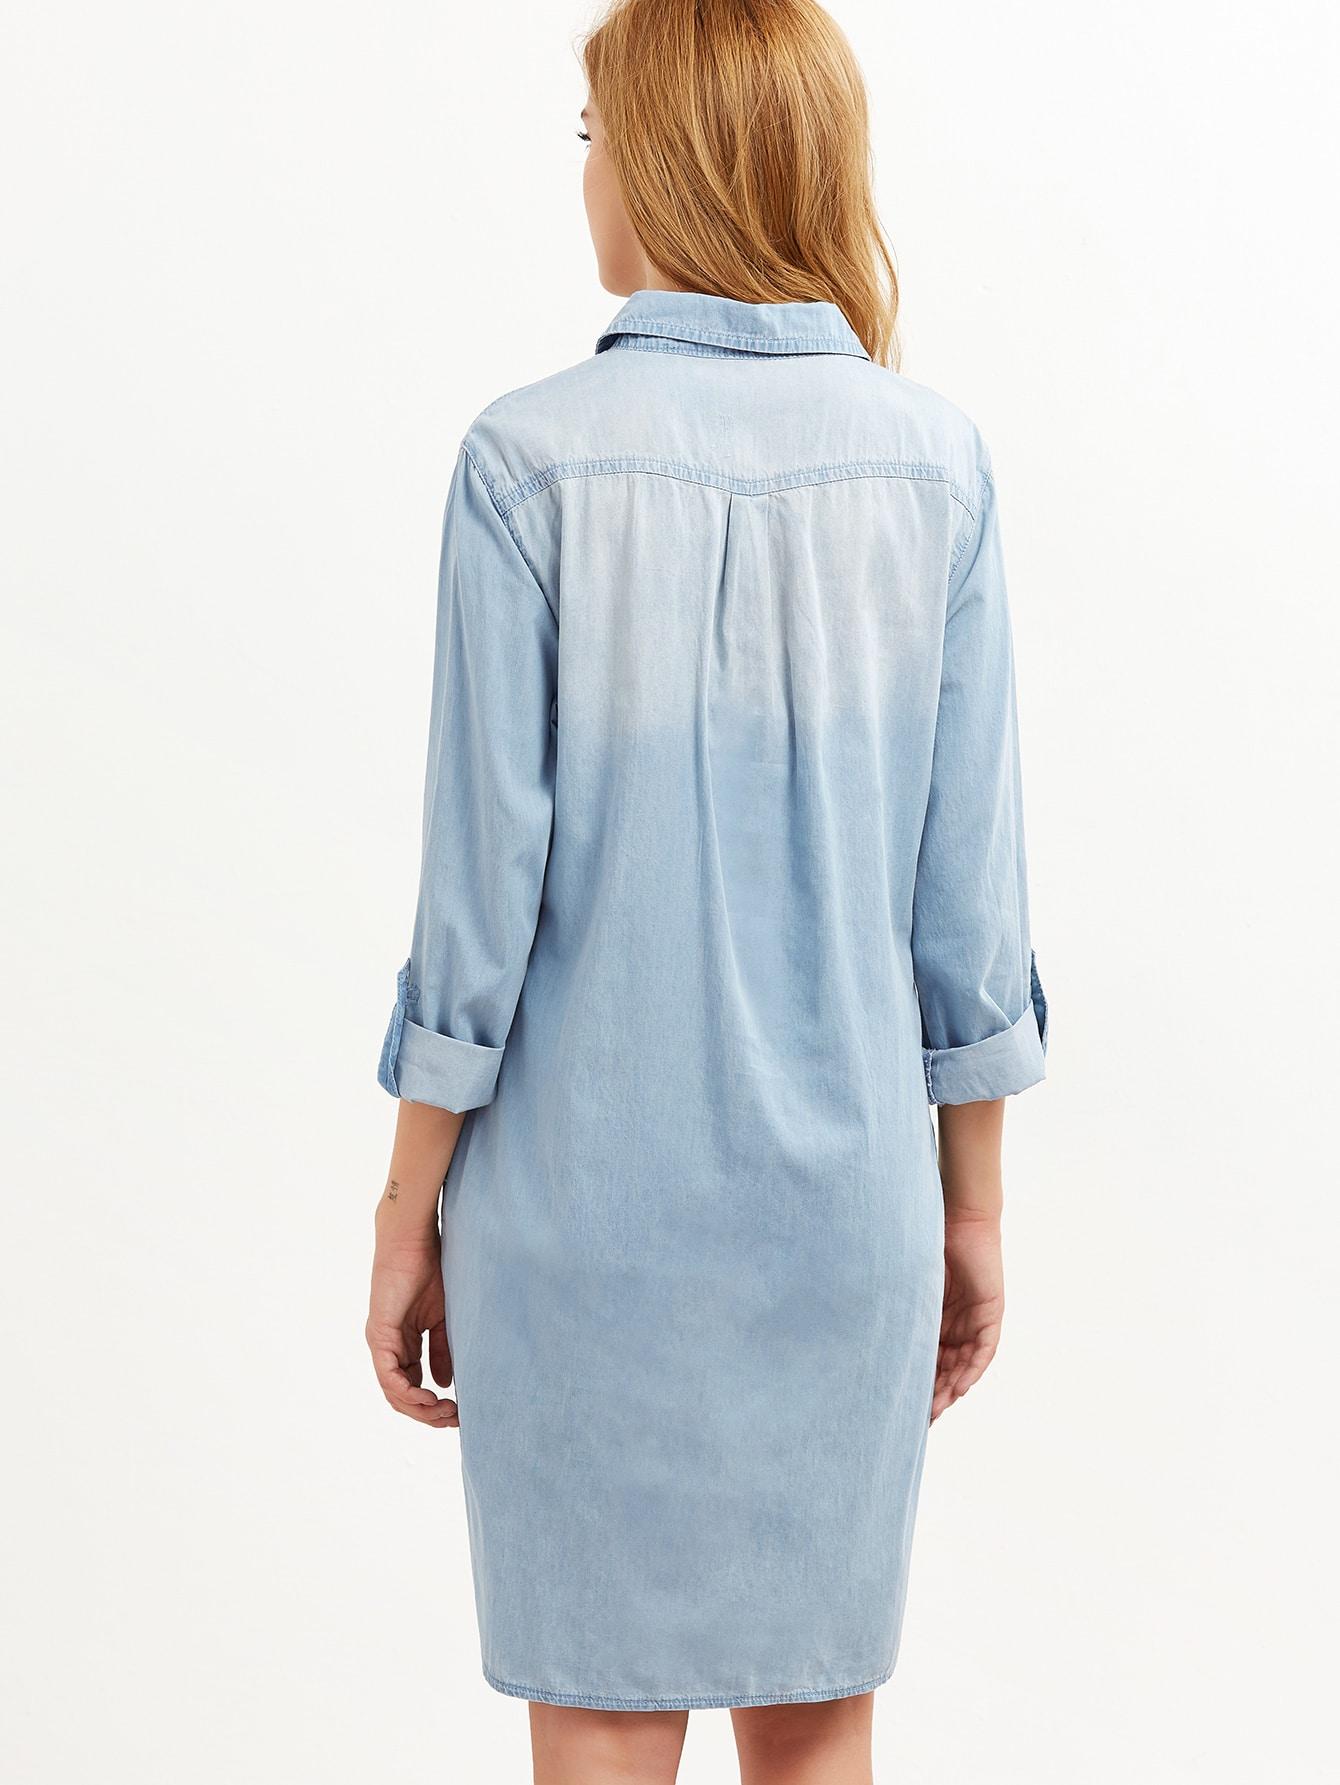 dress161109450_2